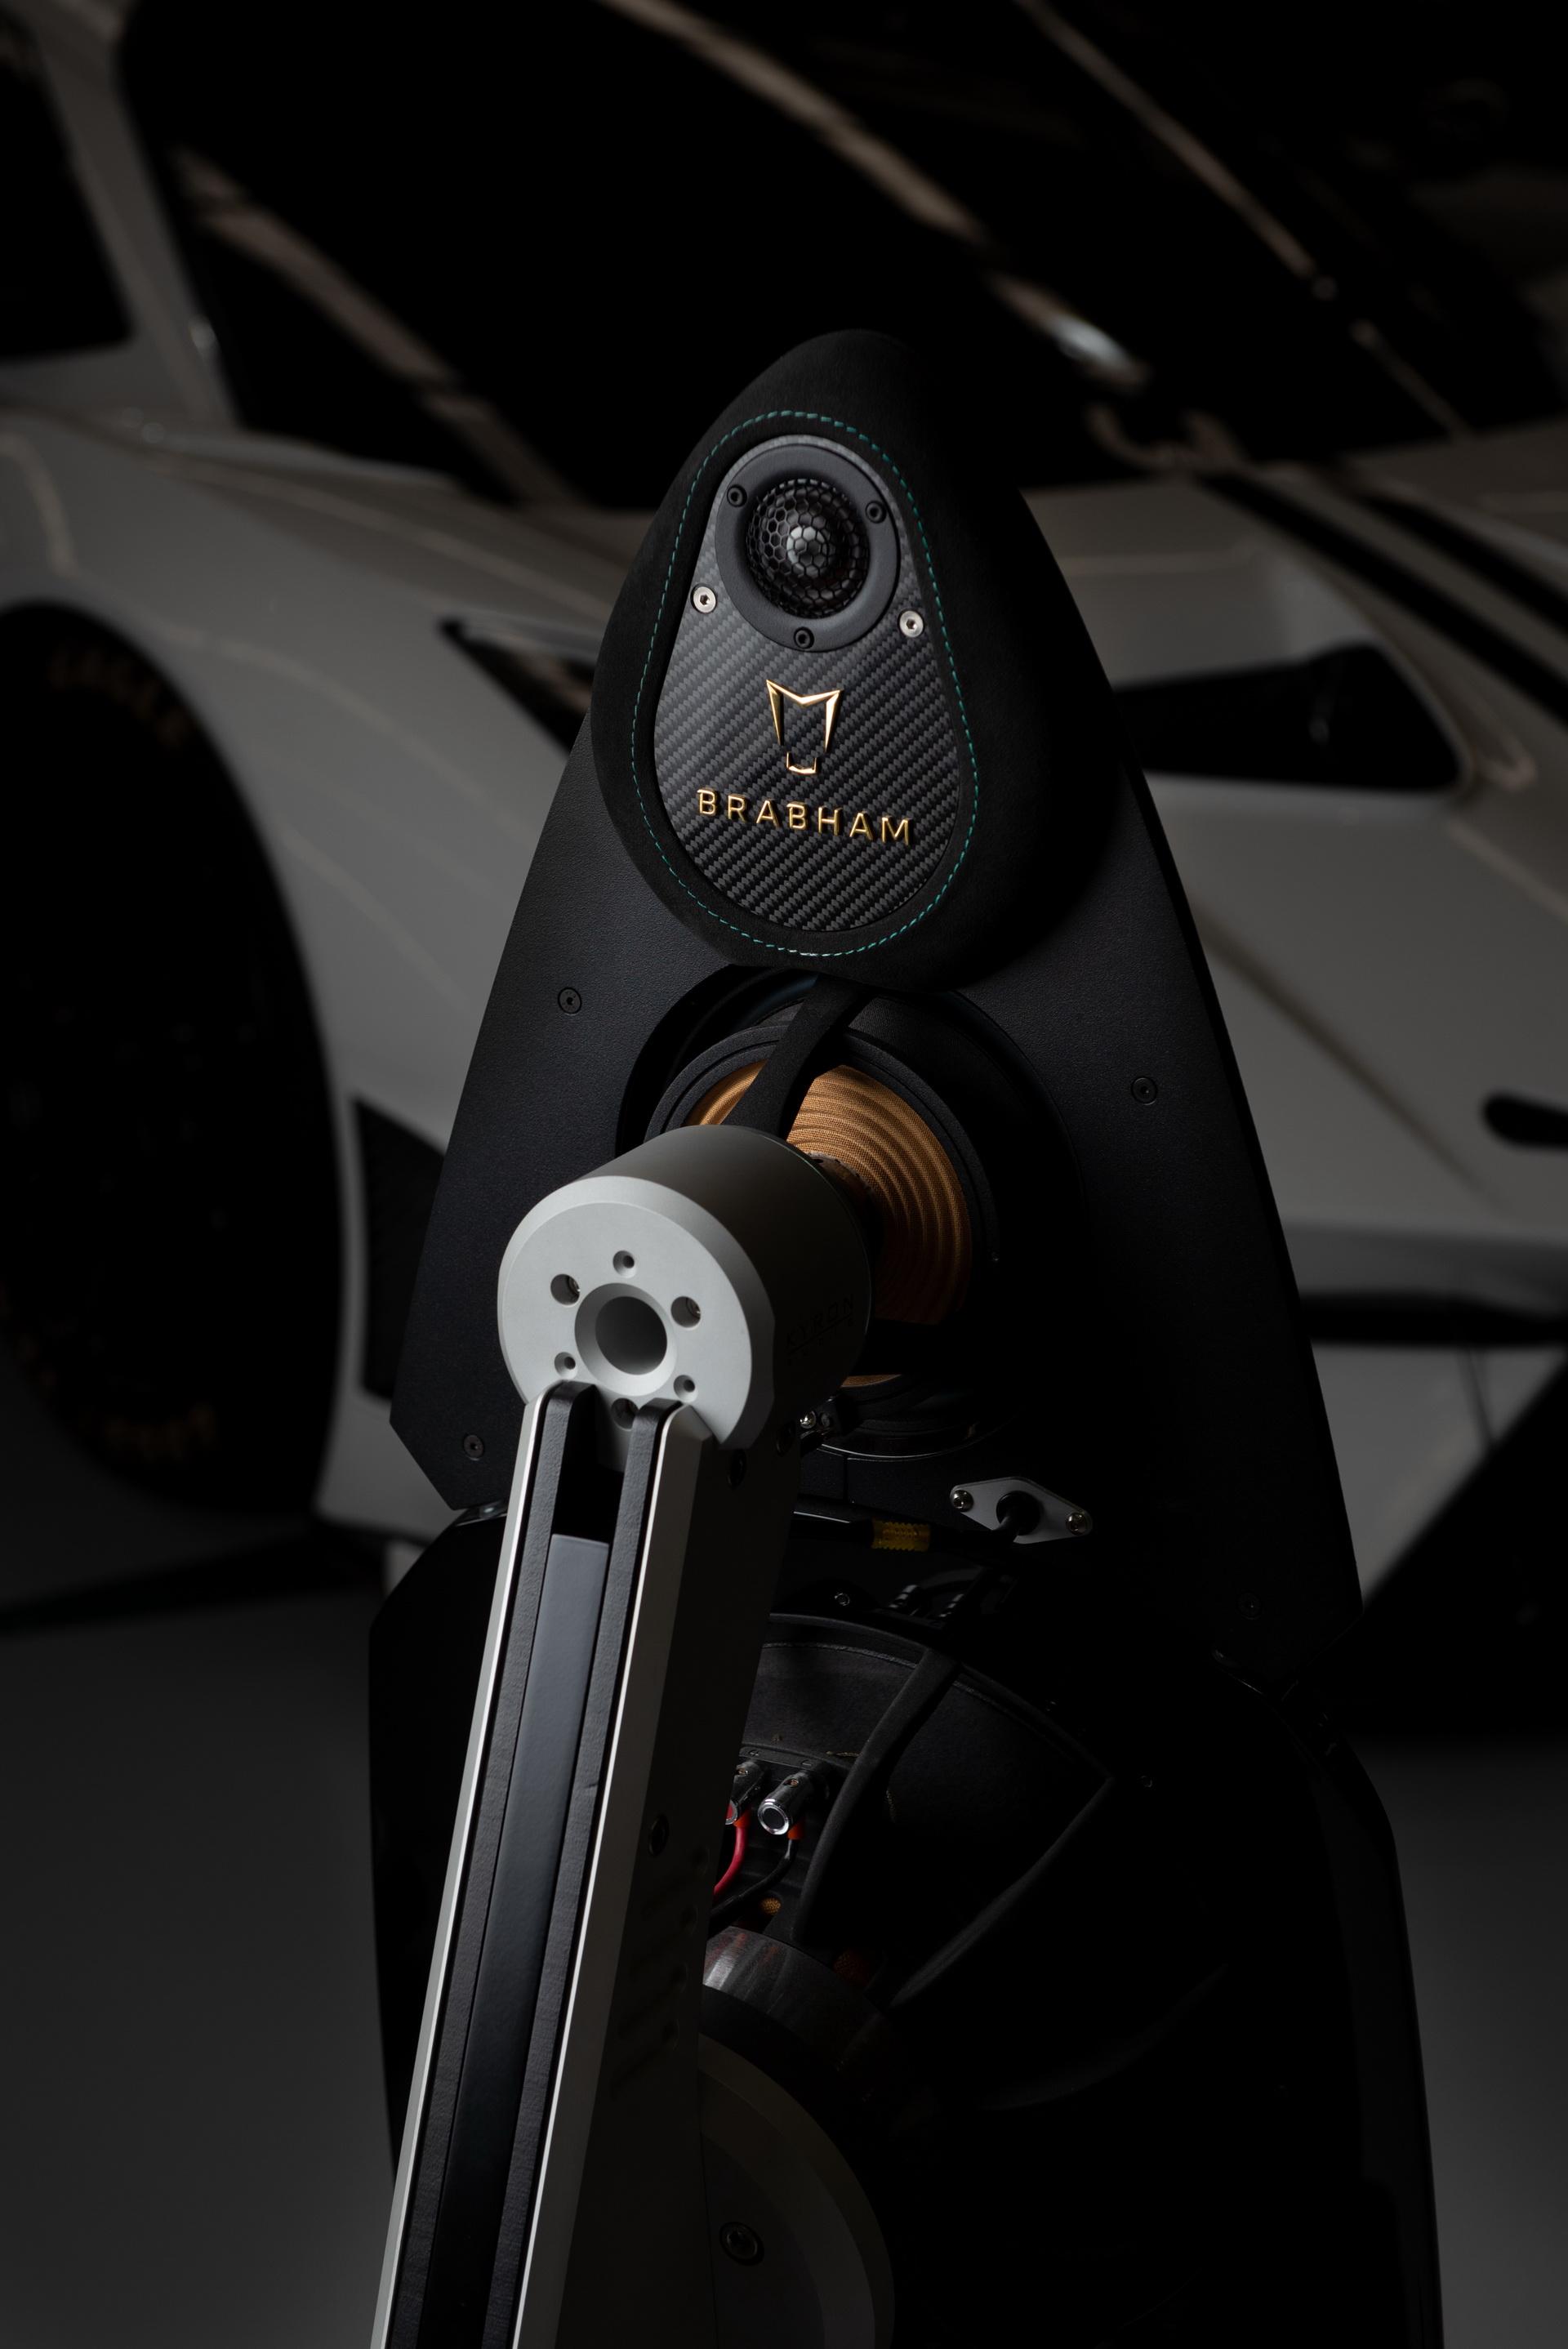 Brabham_Kyron_Sound_System_0002